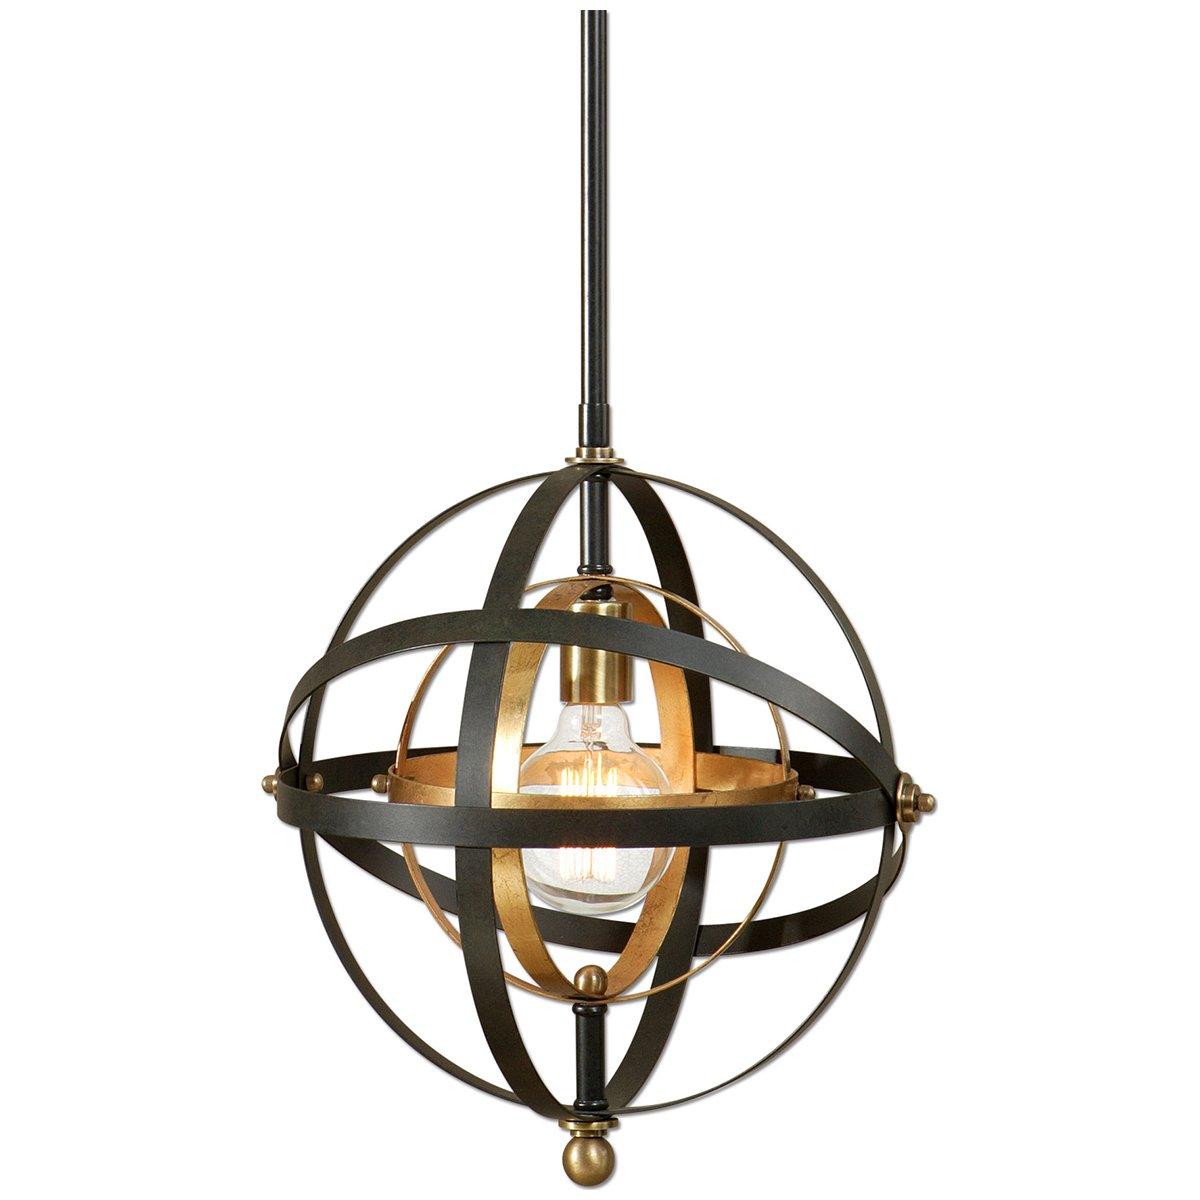 Amazon uttermost 22039 rondure 1 light sphere pendant mini amazon uttermost 22039 rondure 1 light sphere pendant mini home kitchen aloadofball Gallery